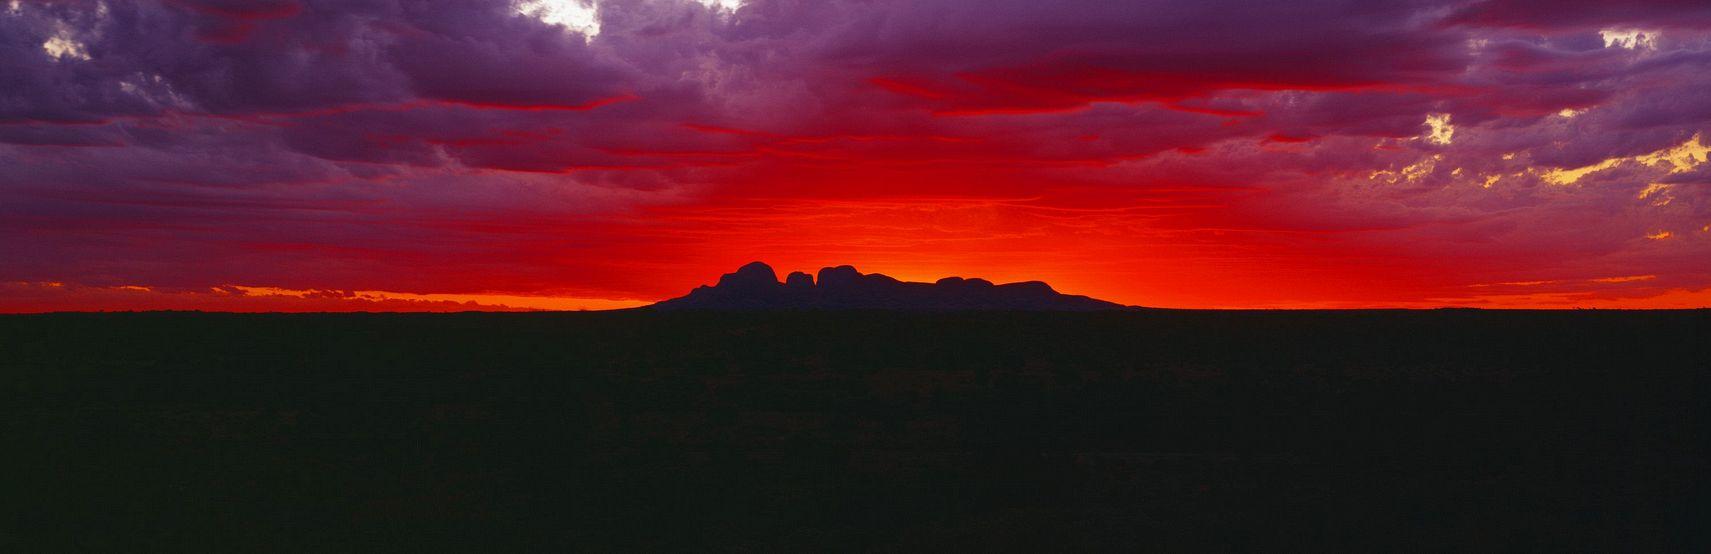 Kata Tjuta Sunset